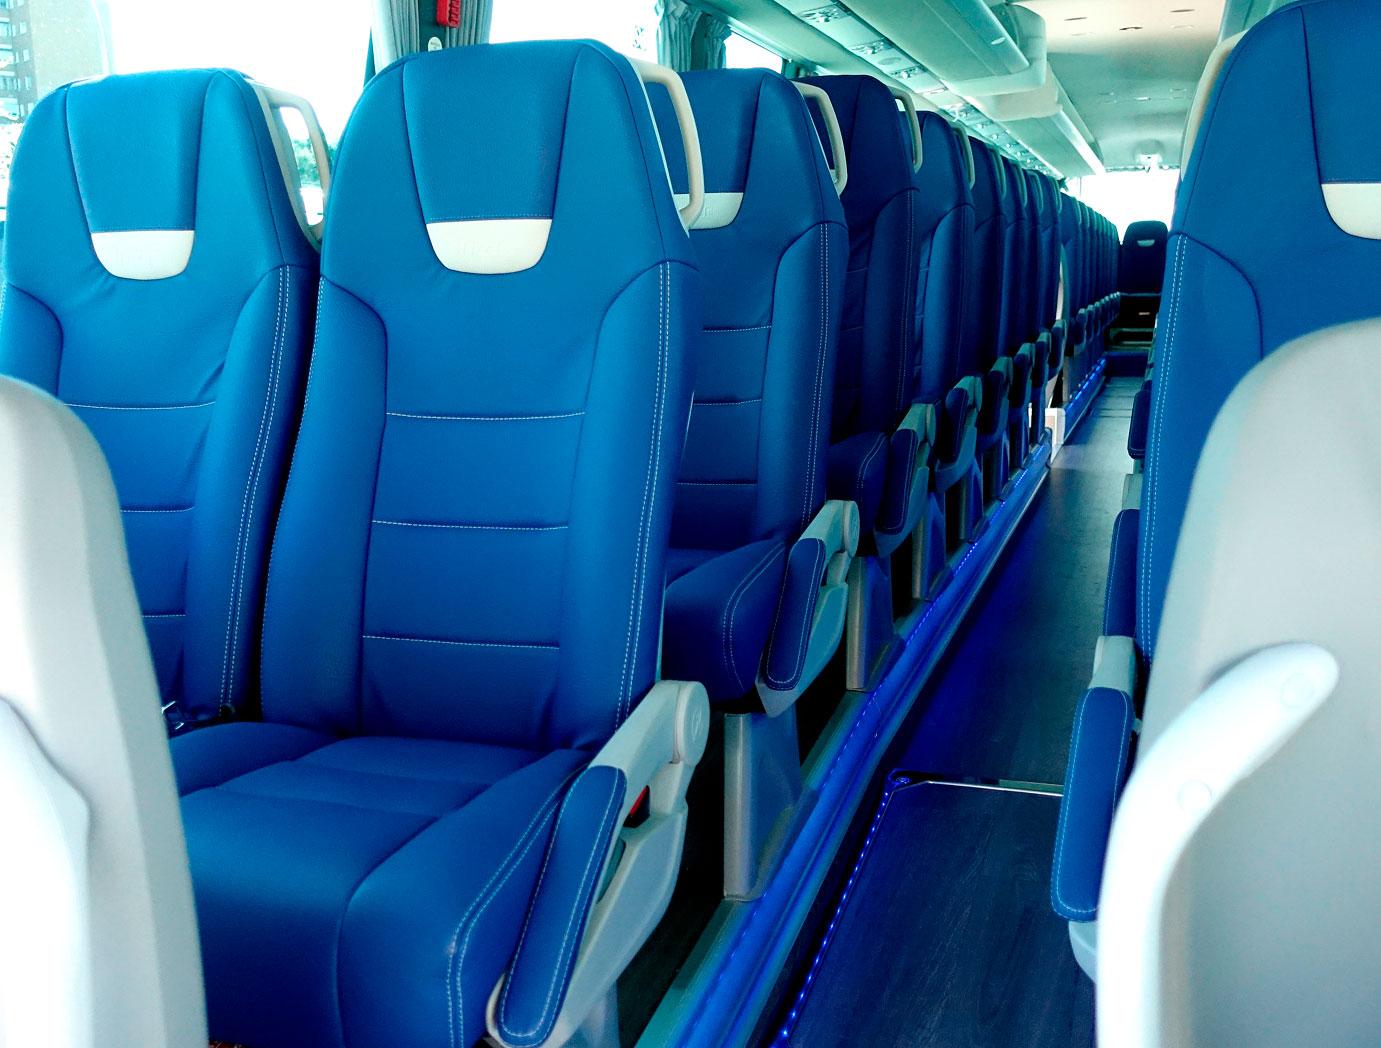 theBus interior Sillas